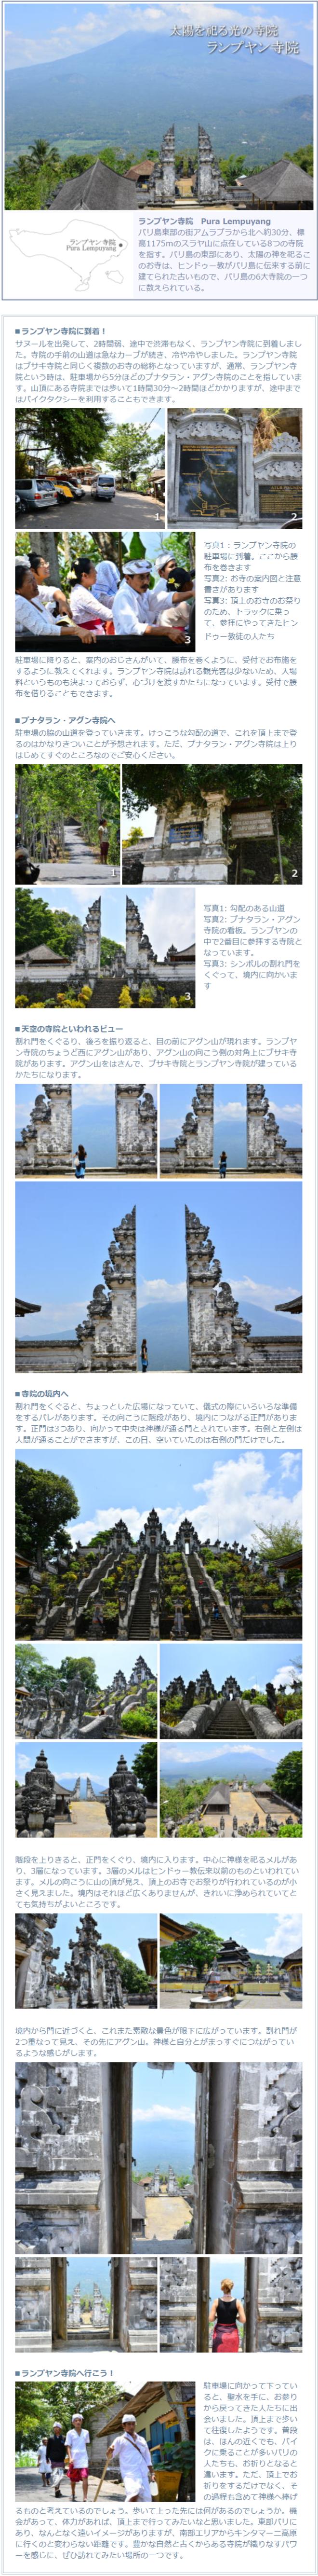 ランプヤン寺院の説明